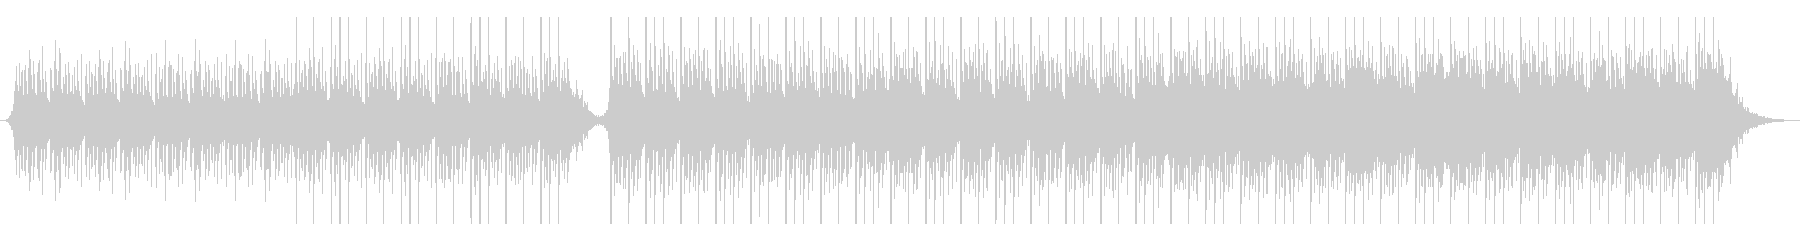 ラマダンバイラムの未再生の波形